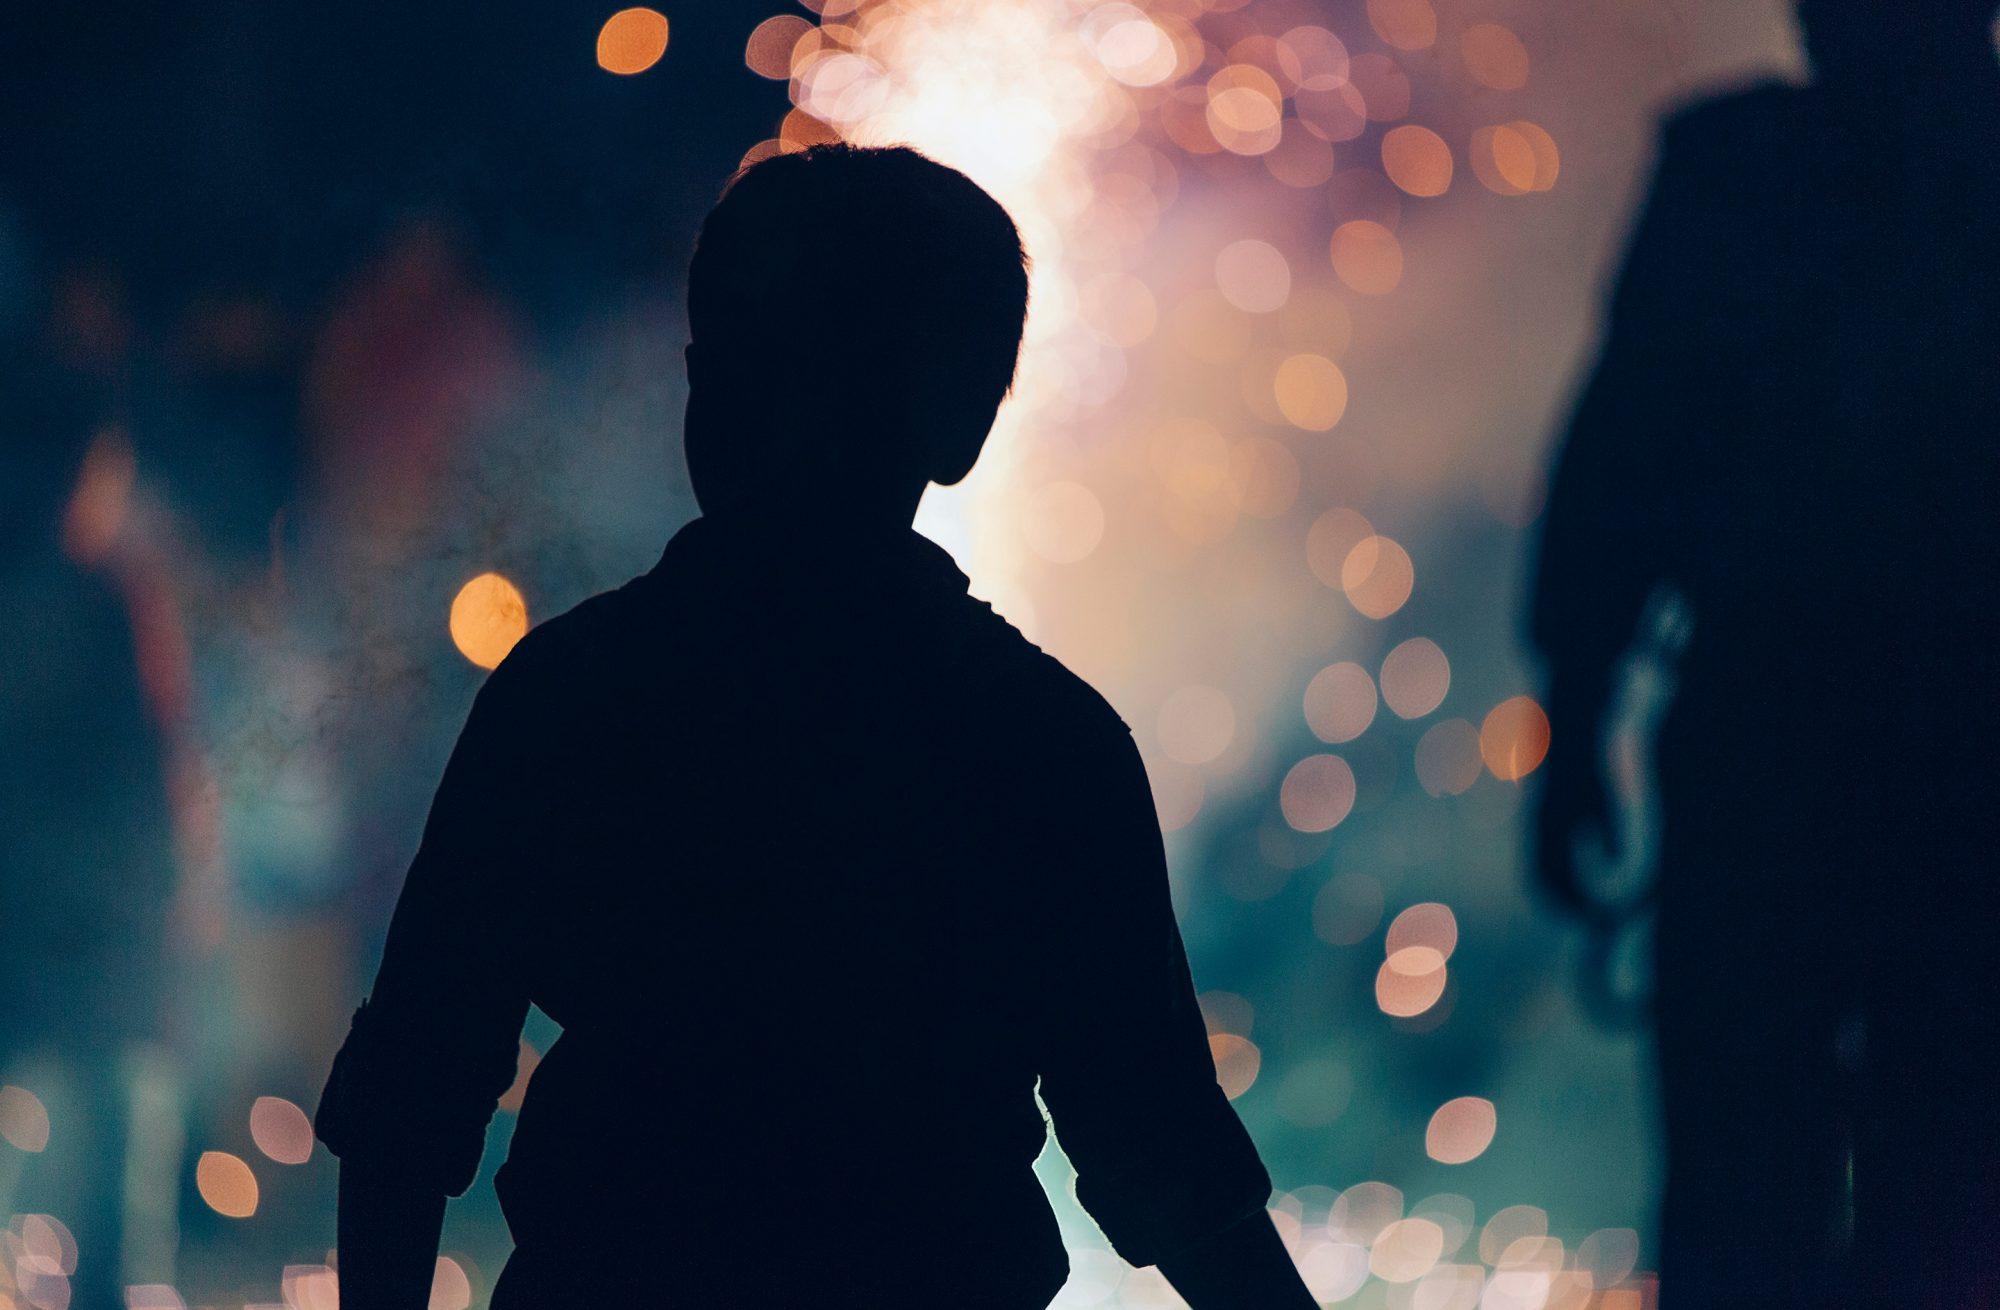 Lapsen näkökulma säilytettävä lastensuojelun keskiössä